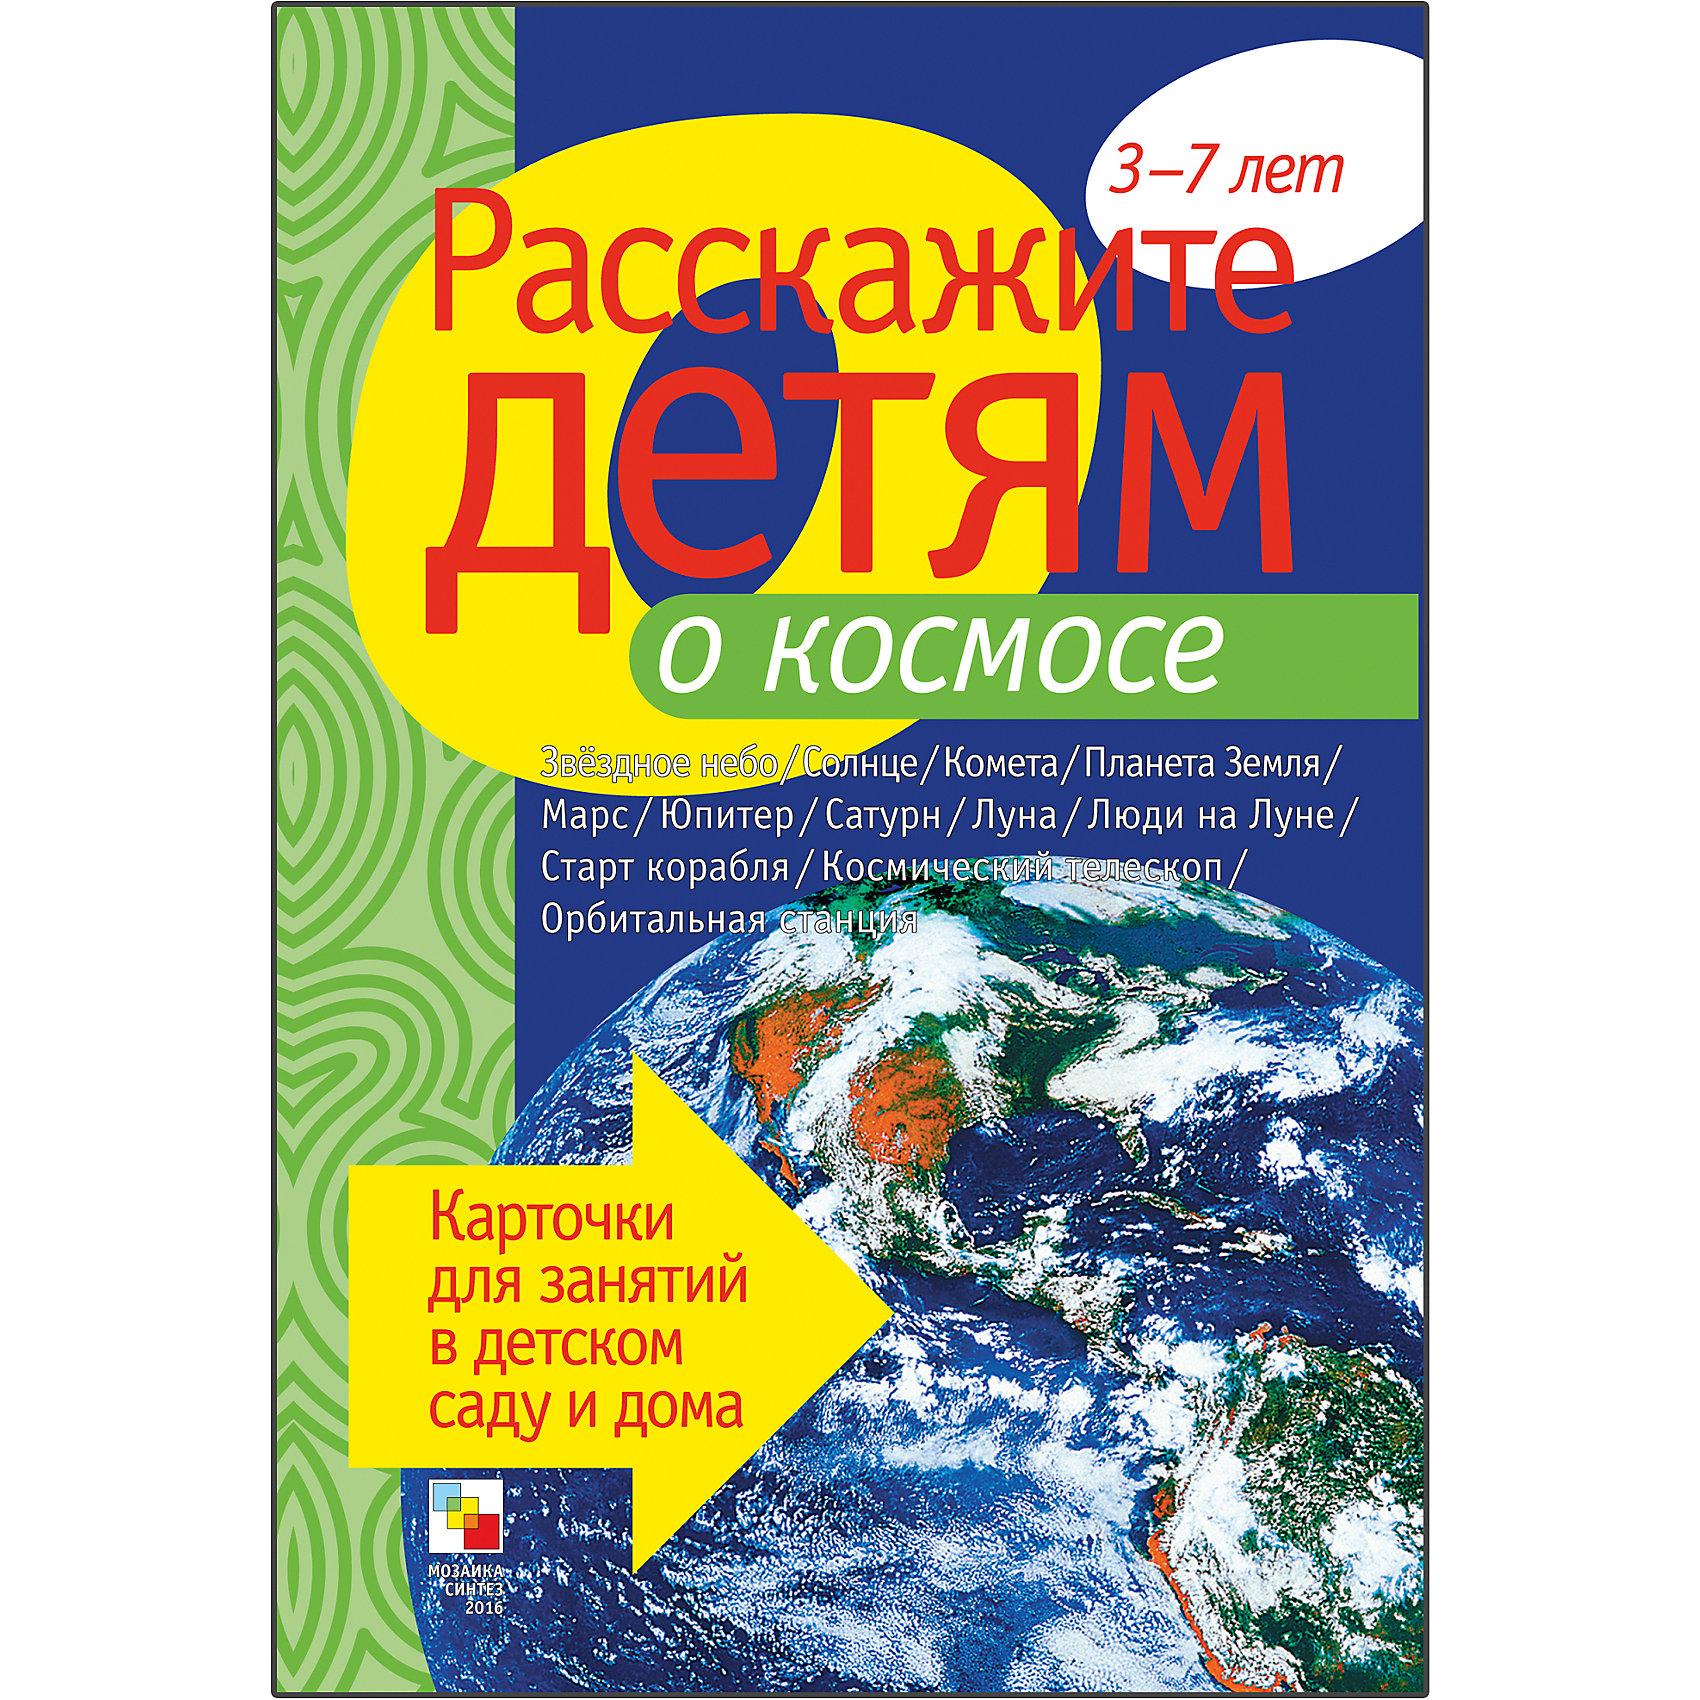 Карточки Расскажите детям о космосе, Мозаика-СинтезОбучающие карточки<br>Пособие Расскажите детям о космосе, Мозаика-Синтез<br><br>Характеристики:<br><br>• Издательство: МОЗАИКА-СИНТЕЗ<br>• ISBN: 9785867754662<br>• Тип: папка с карточками, обложка твердая.<br>• Возраст: от 3-7 лет.<br>• Размер книги: 210х150х5 мм.<br>• Количество страниц: 12<br><br>Данное пособие поможет малышам открыть для себя таинственный и притягательный мир космоса. С помощью картинок и предлагаемой на оборотной стороне информации дети смогут узнать о звездном небе много нового и интересного. Они совершат воображаемое путешествие в глубины Вселенной, ознакомятся с планетами Солнечной системы. <br><br>Ребенок получит исчерпывающую информацию о развитии космонавтики, узнает о полете первых людей на Луну, орбитальных станциях и космических телескопах.<br><br>Пособие Расскажите детям о космосе, Мозаика-Синтез, можно купить в нашем интернет – магазине.<br><br>Ширина мм: 5<br>Глубина мм: 150<br>Высота мм: 210<br>Вес г: 83<br>Возраст от месяцев: 36<br>Возраст до месяцев: 84<br>Пол: Унисекс<br>Возраст: Детский<br>SKU: 5428917